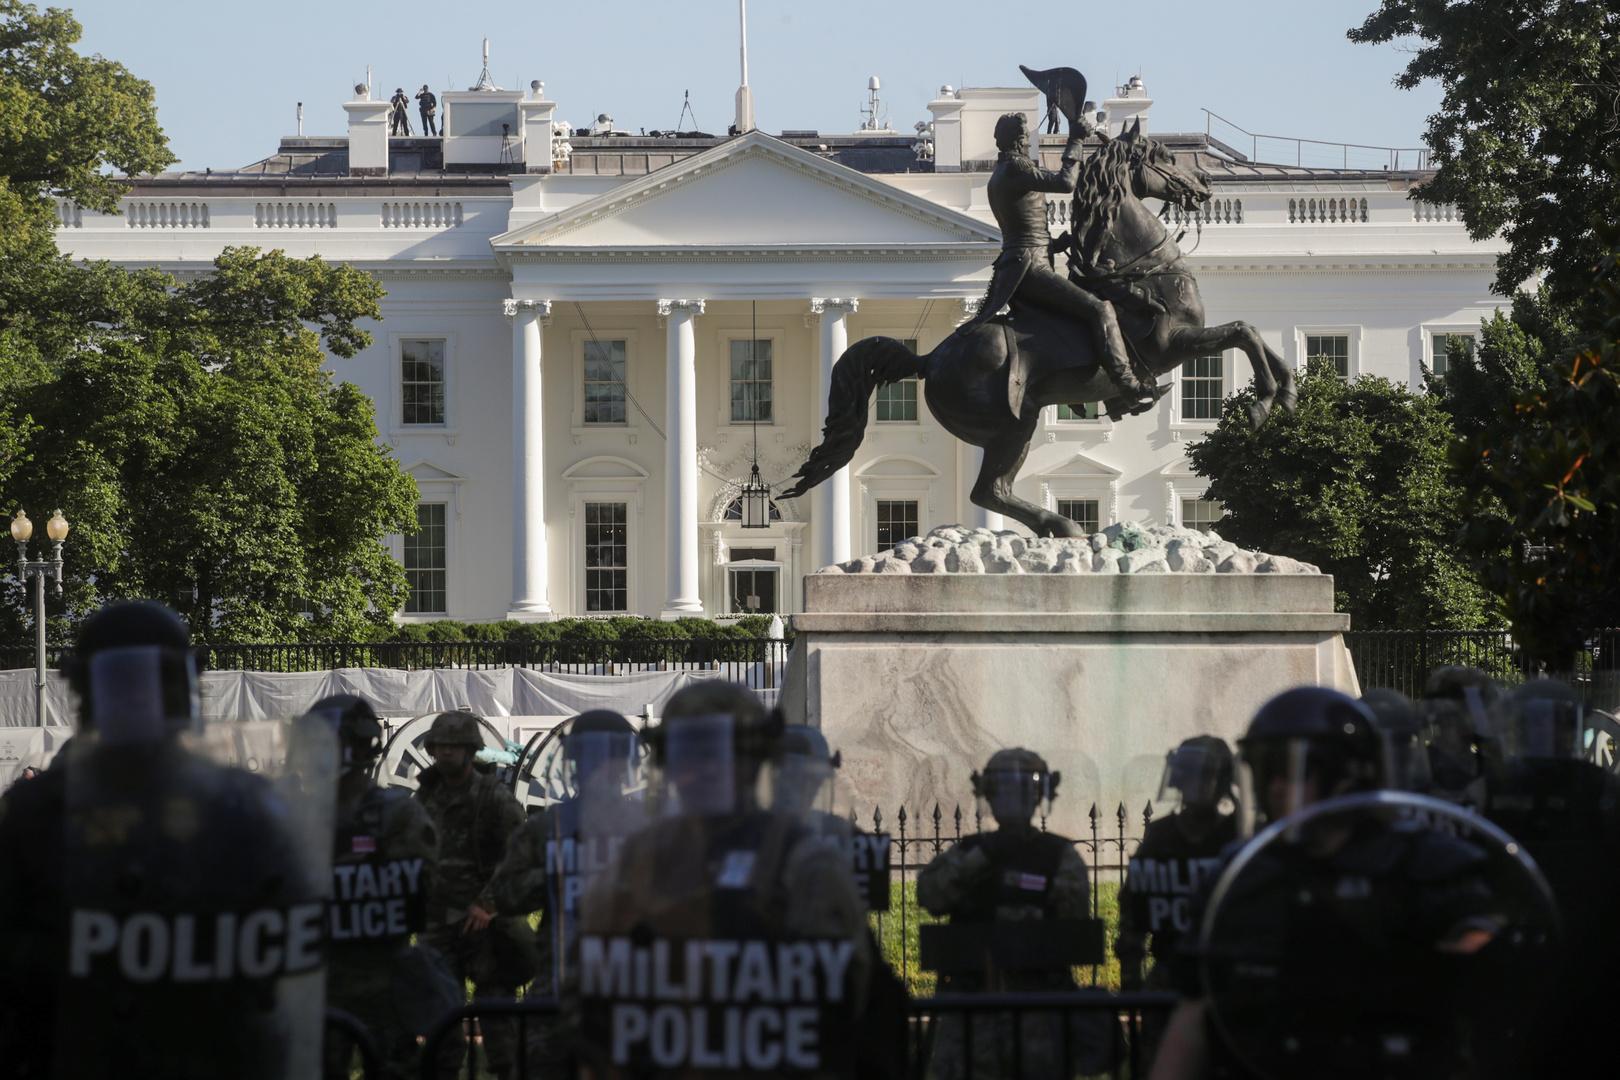 البنتاغون ينقل وحدات من القوات المسلحة إلى منطقة العاصمة واشنطن